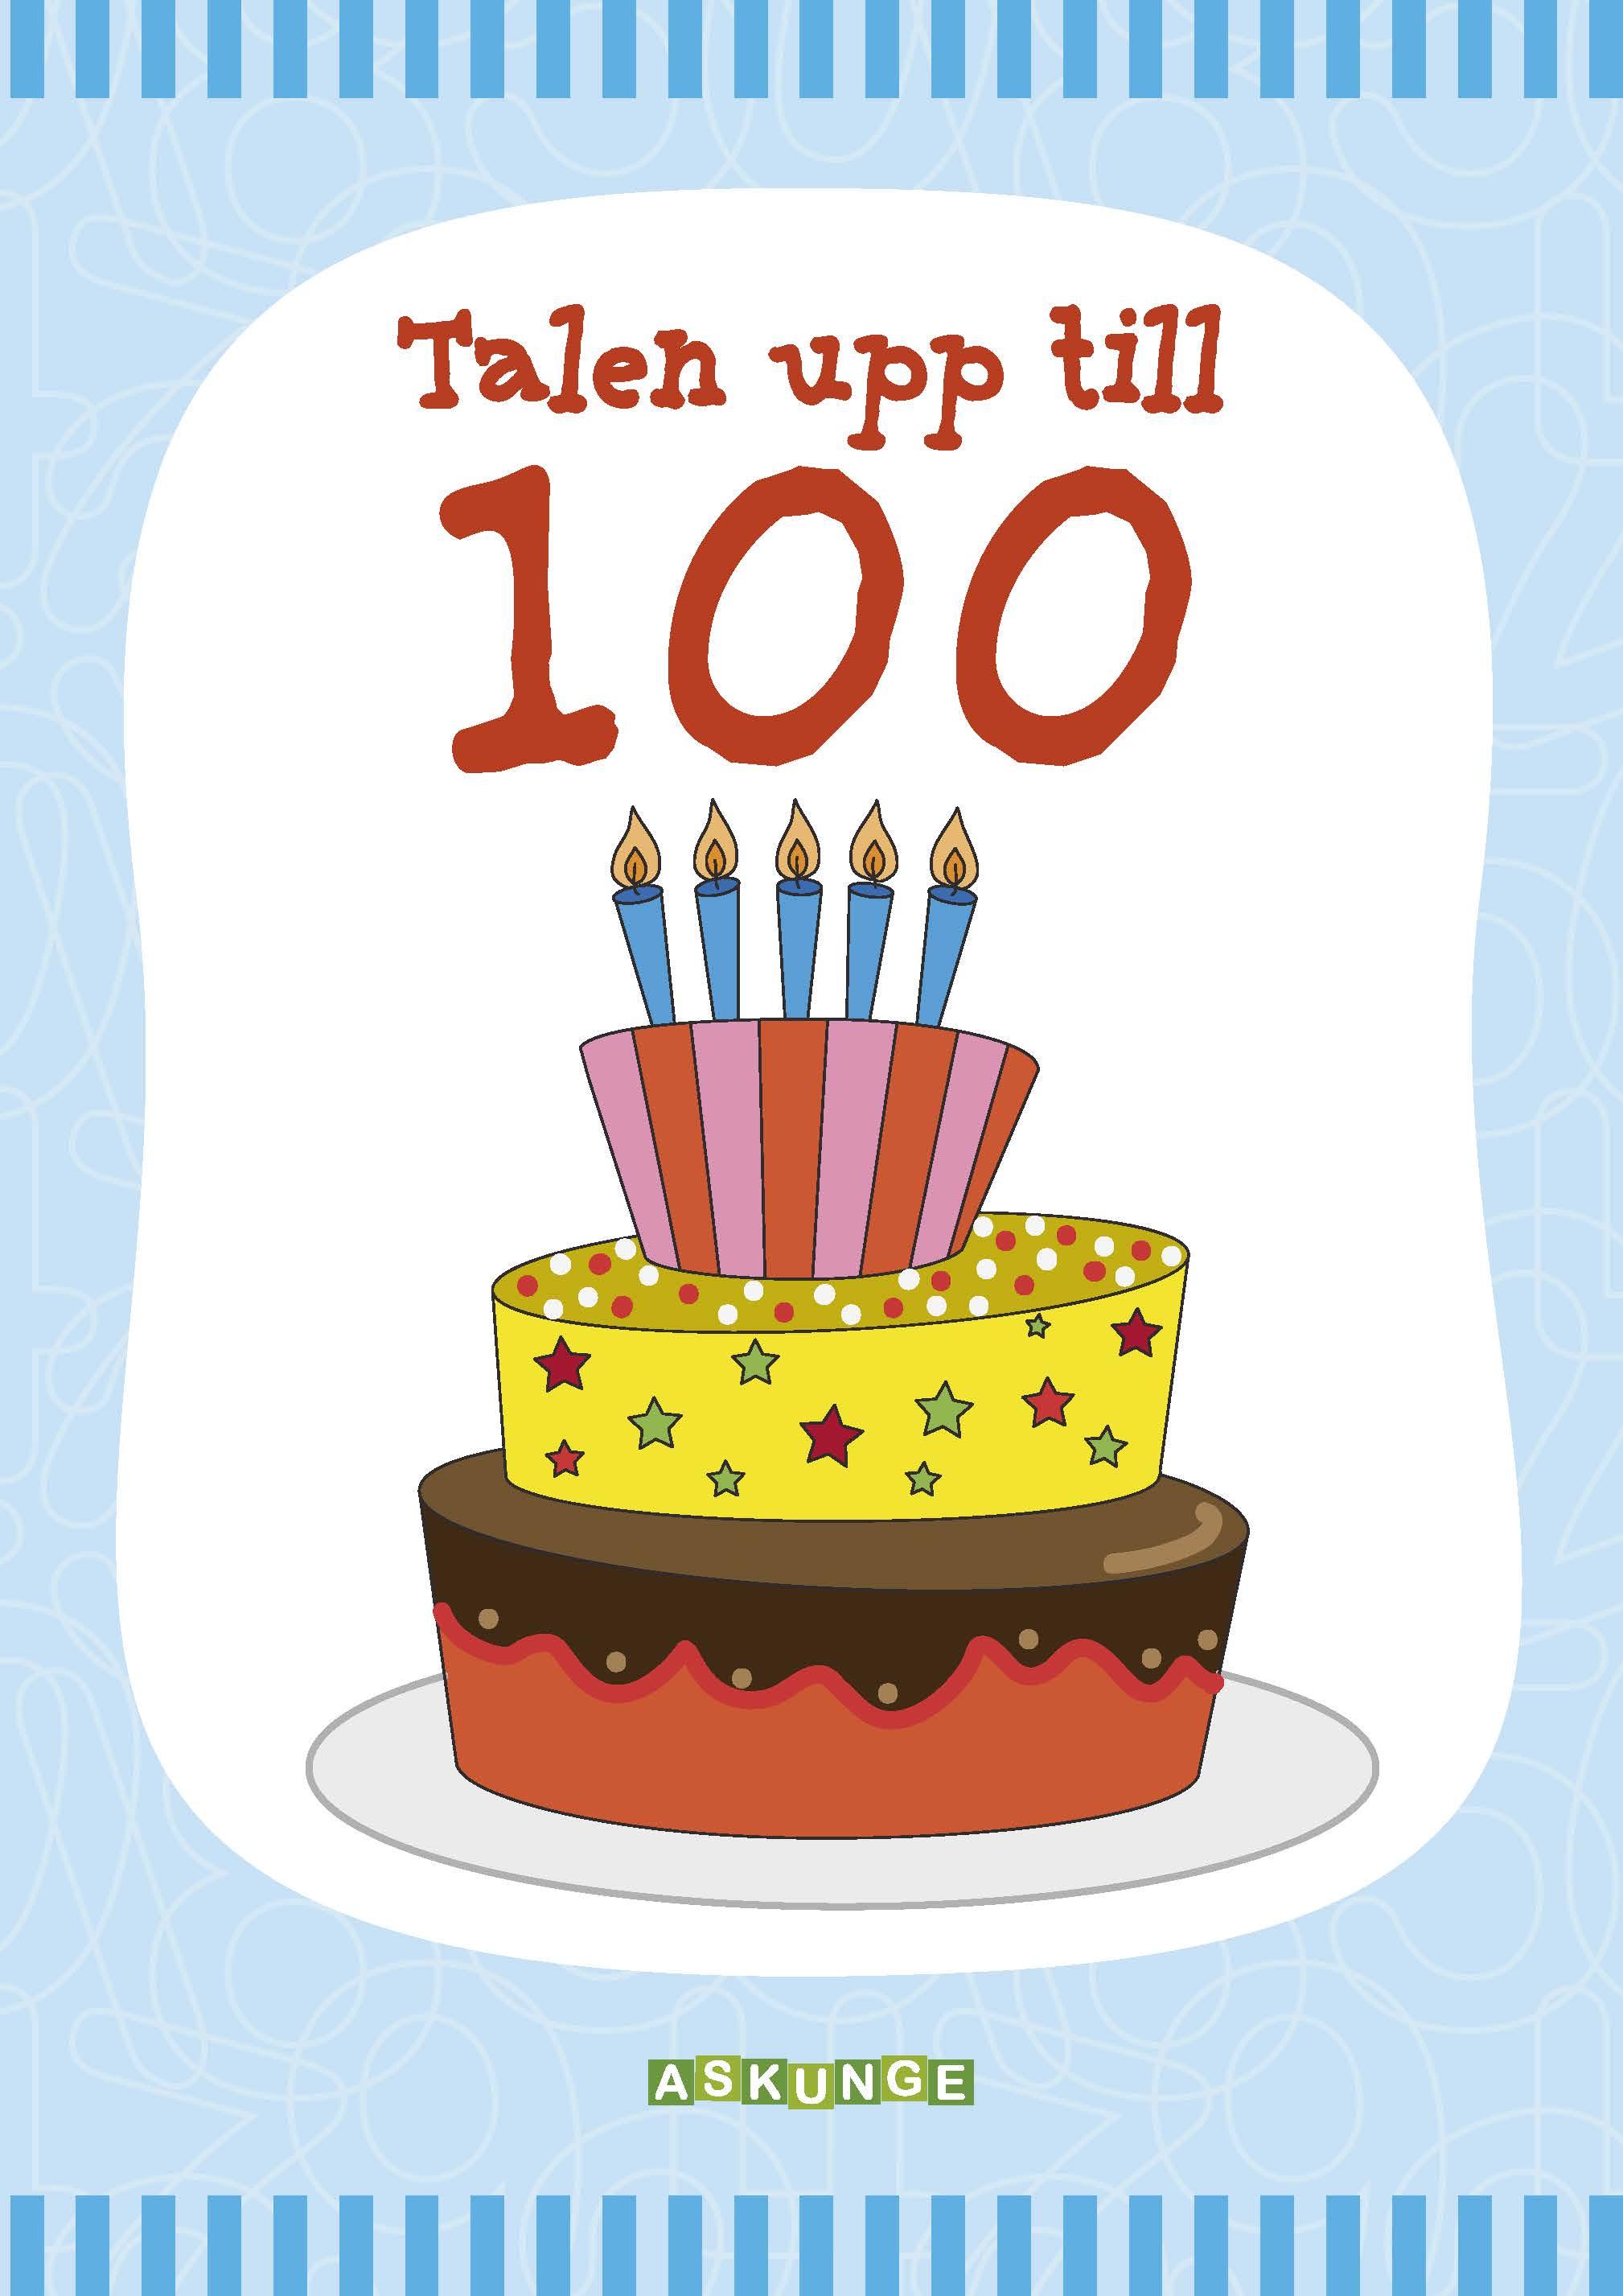 Talen upp till 100